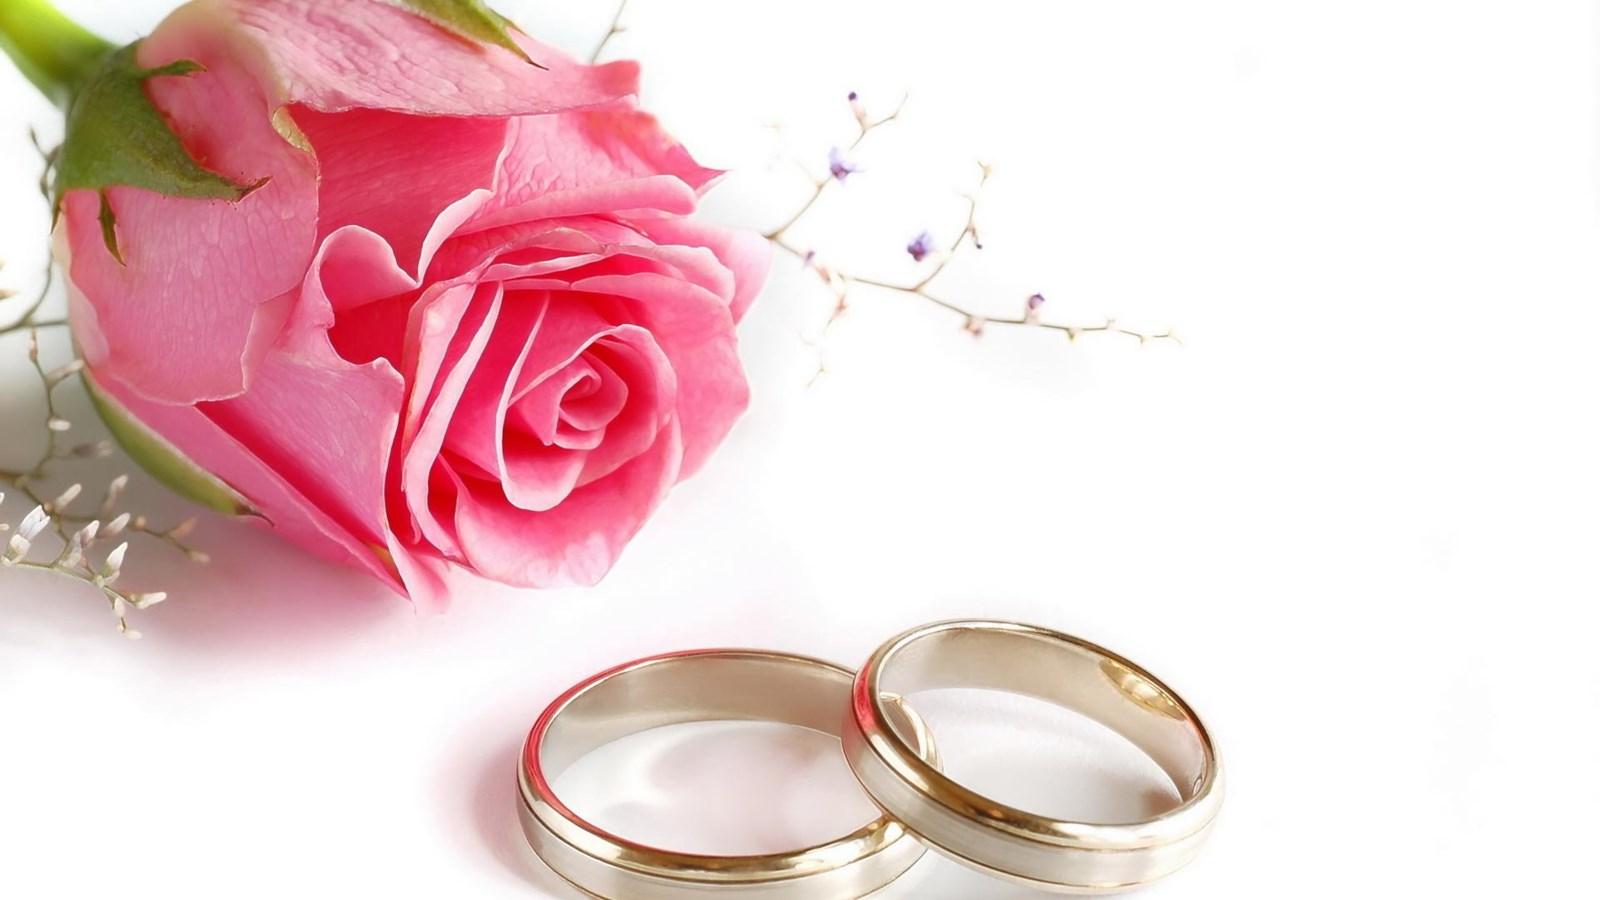 Как поздравить мужа с годовщиной свадьбы 10 лет